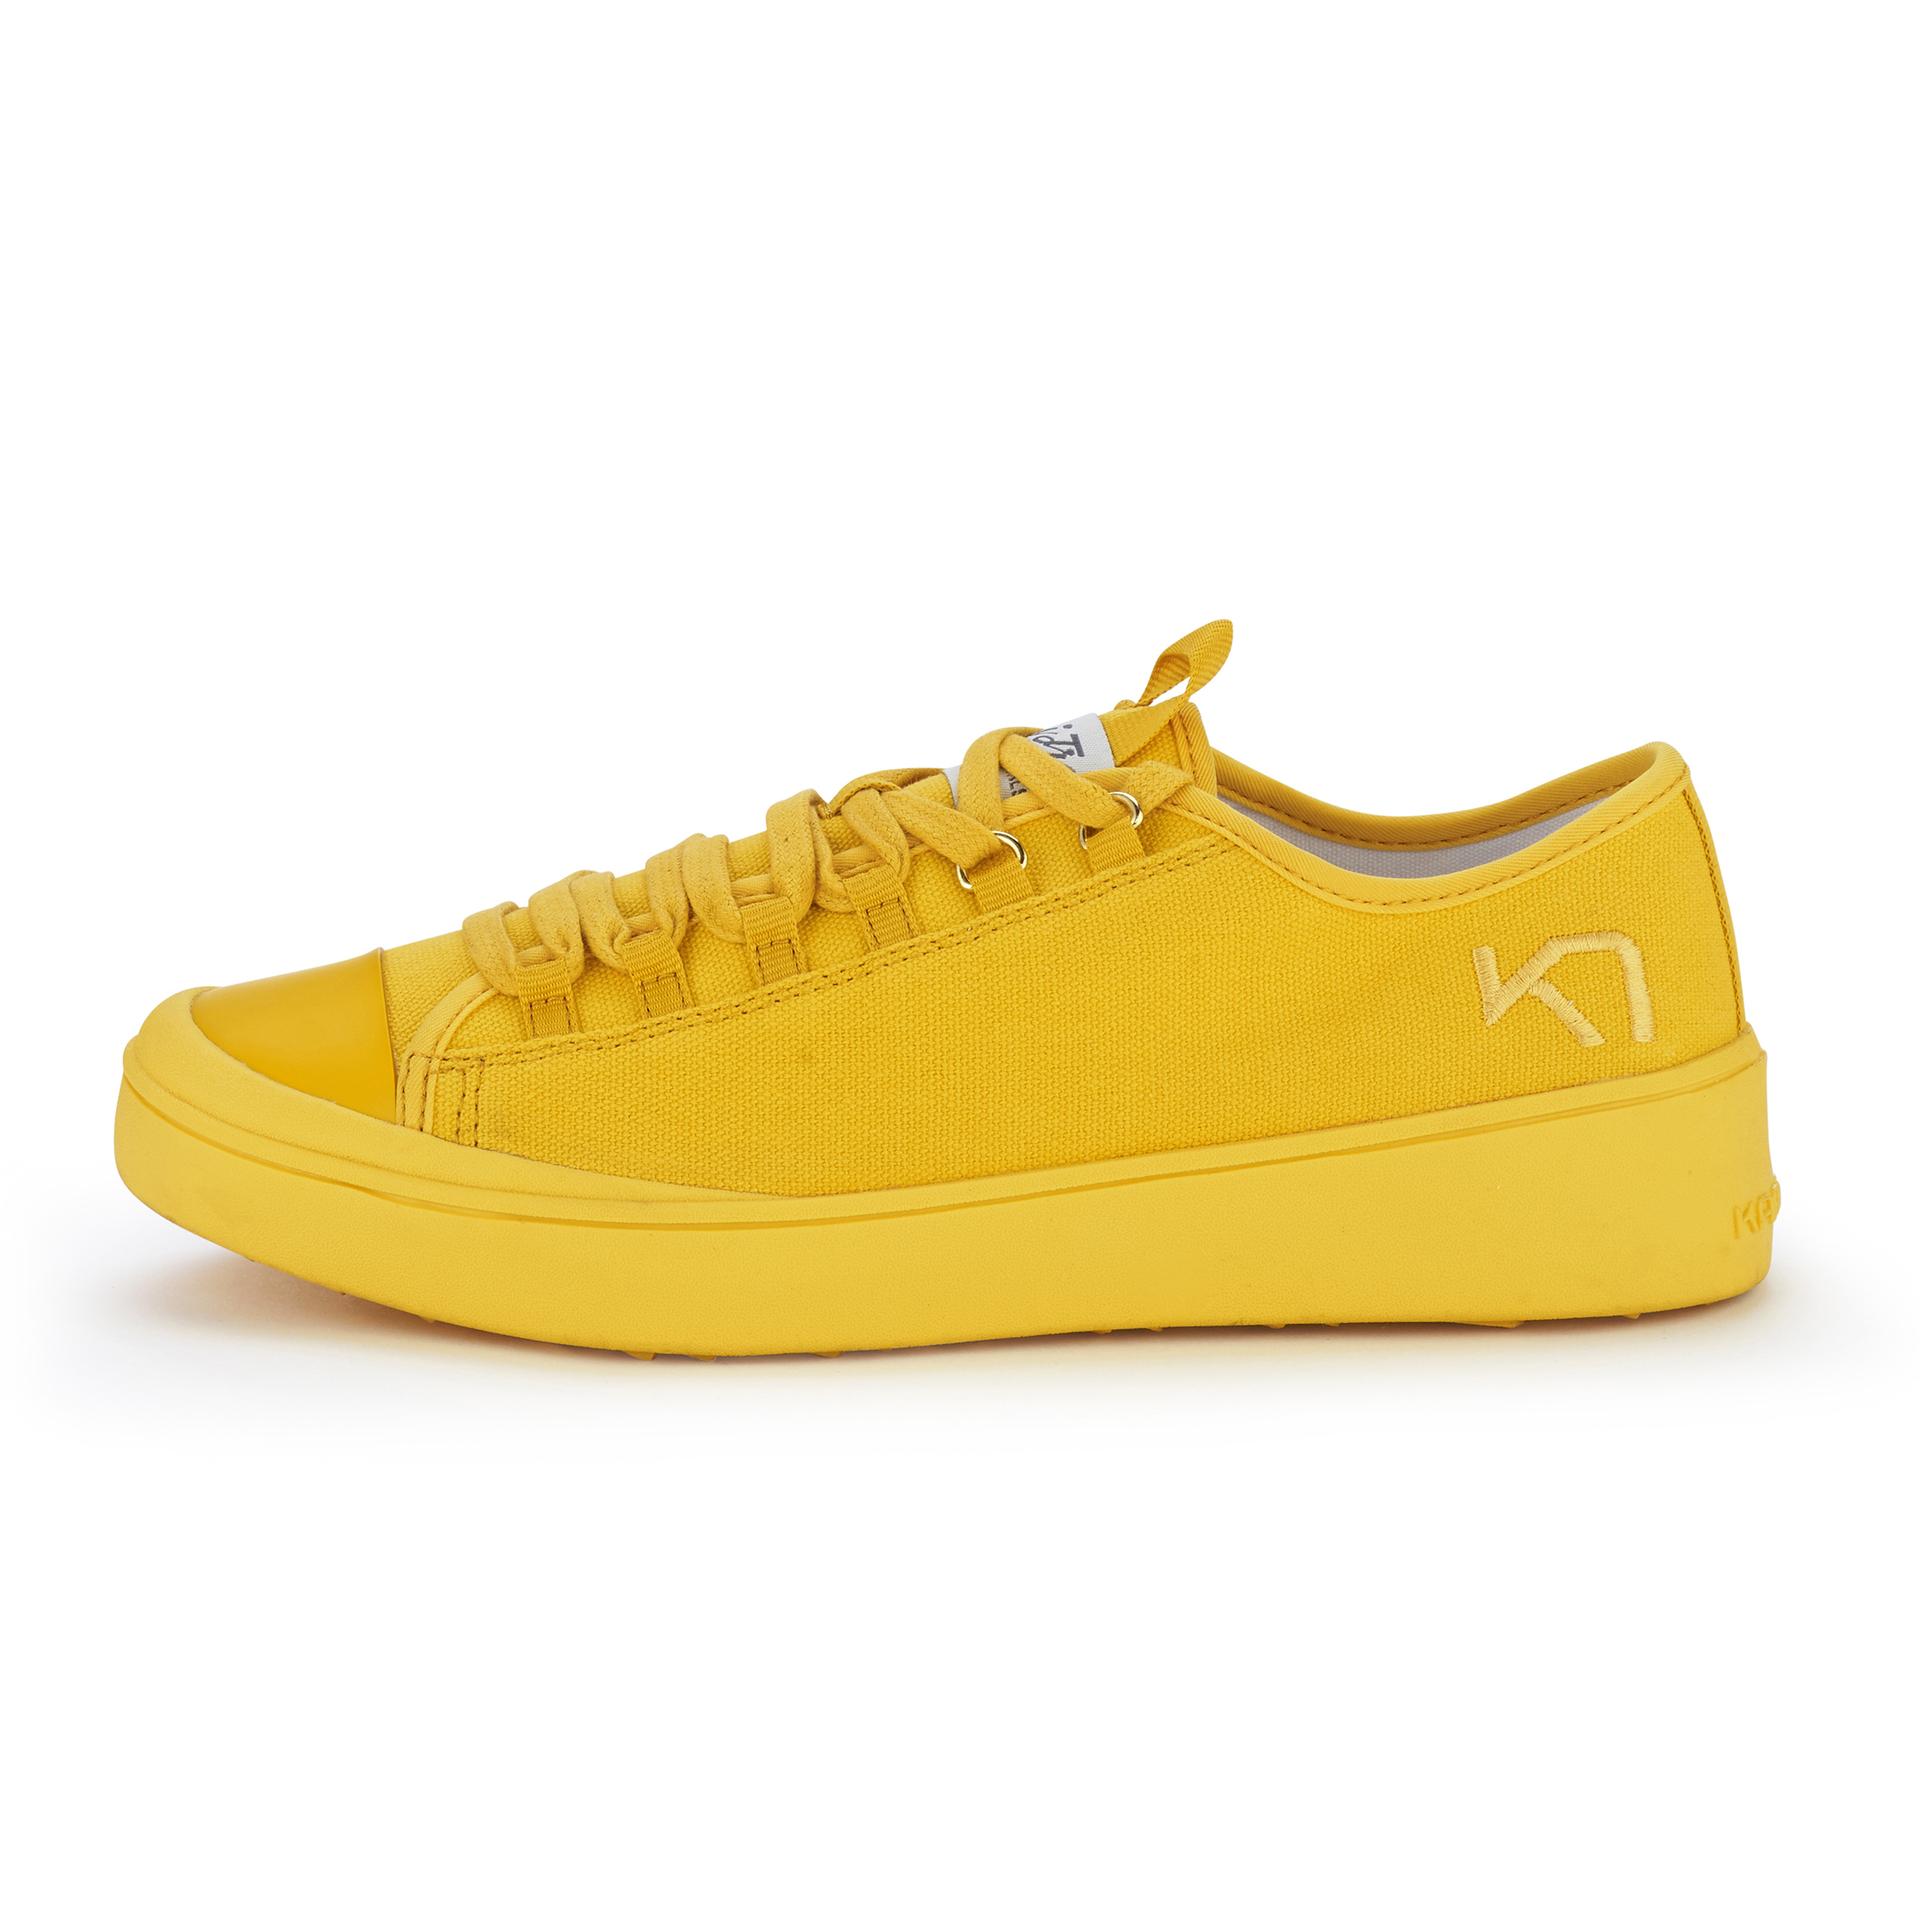 Kari Traa Sprade sko, gold, 38